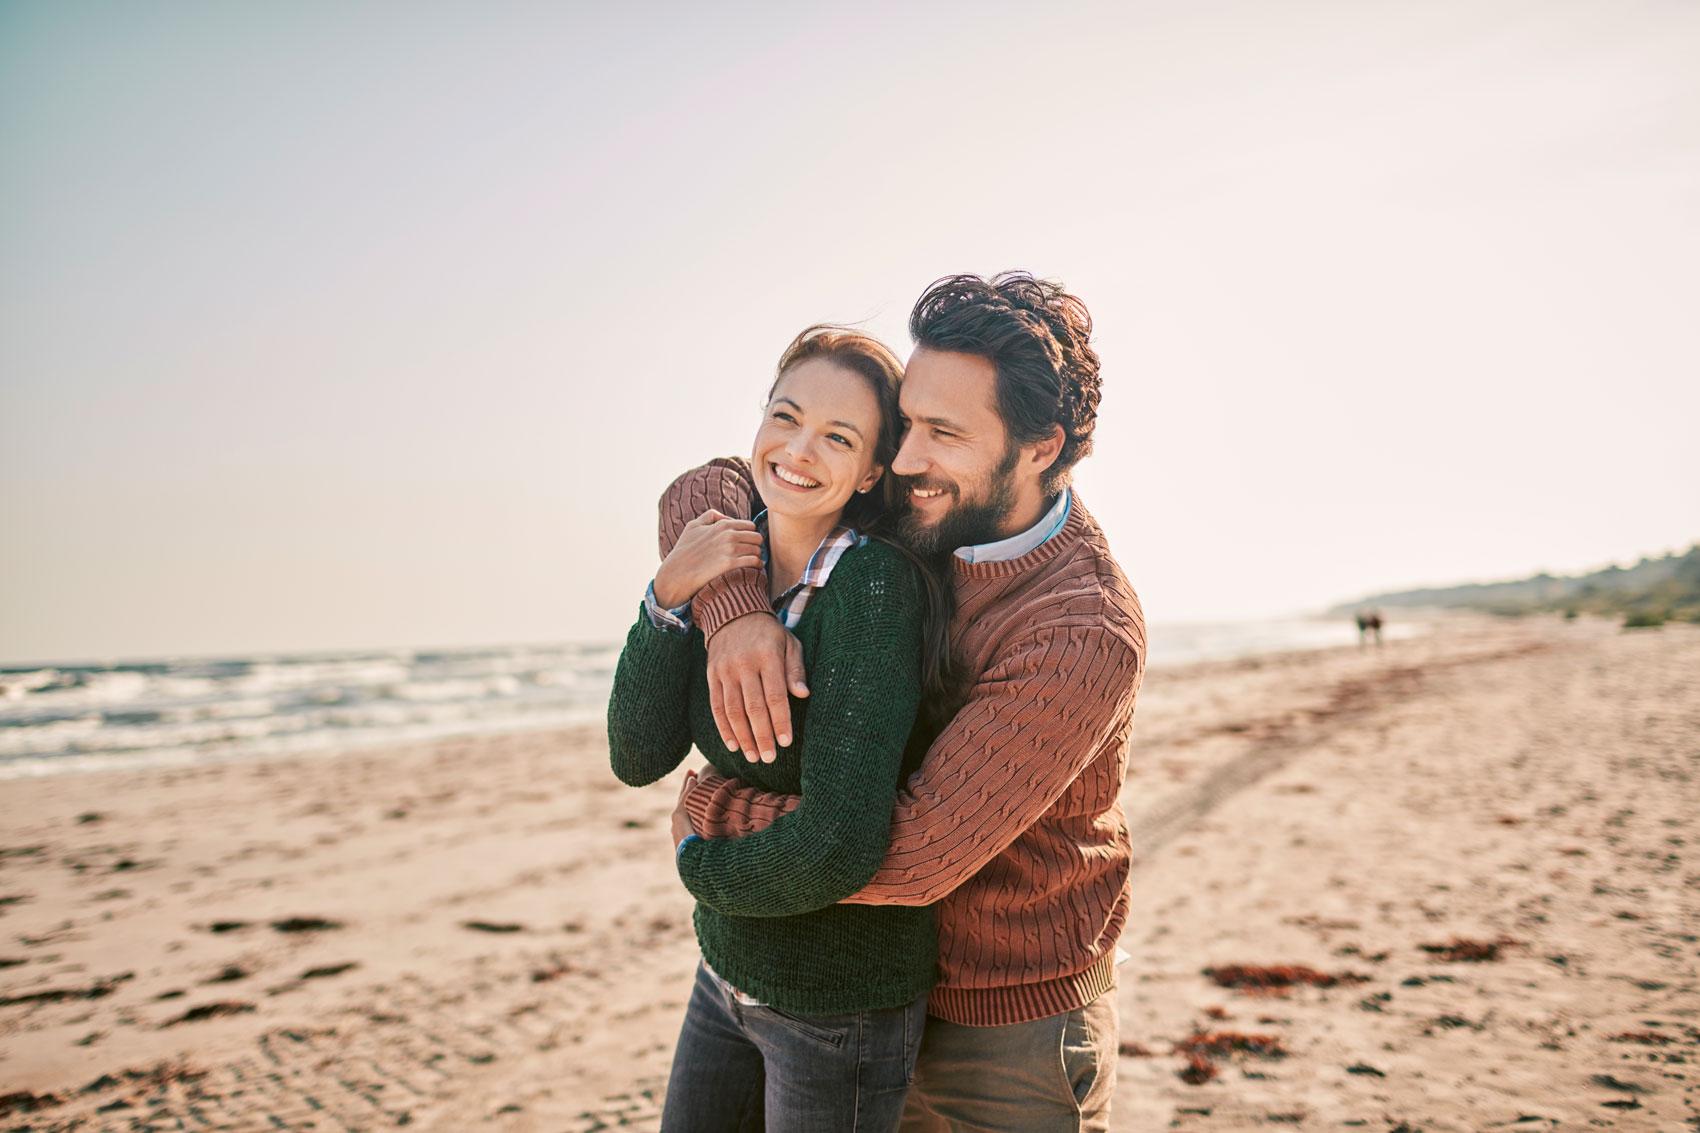 25 anno vecchio donna dating 50 anno vecchio uomo potassio argon dating utilizza